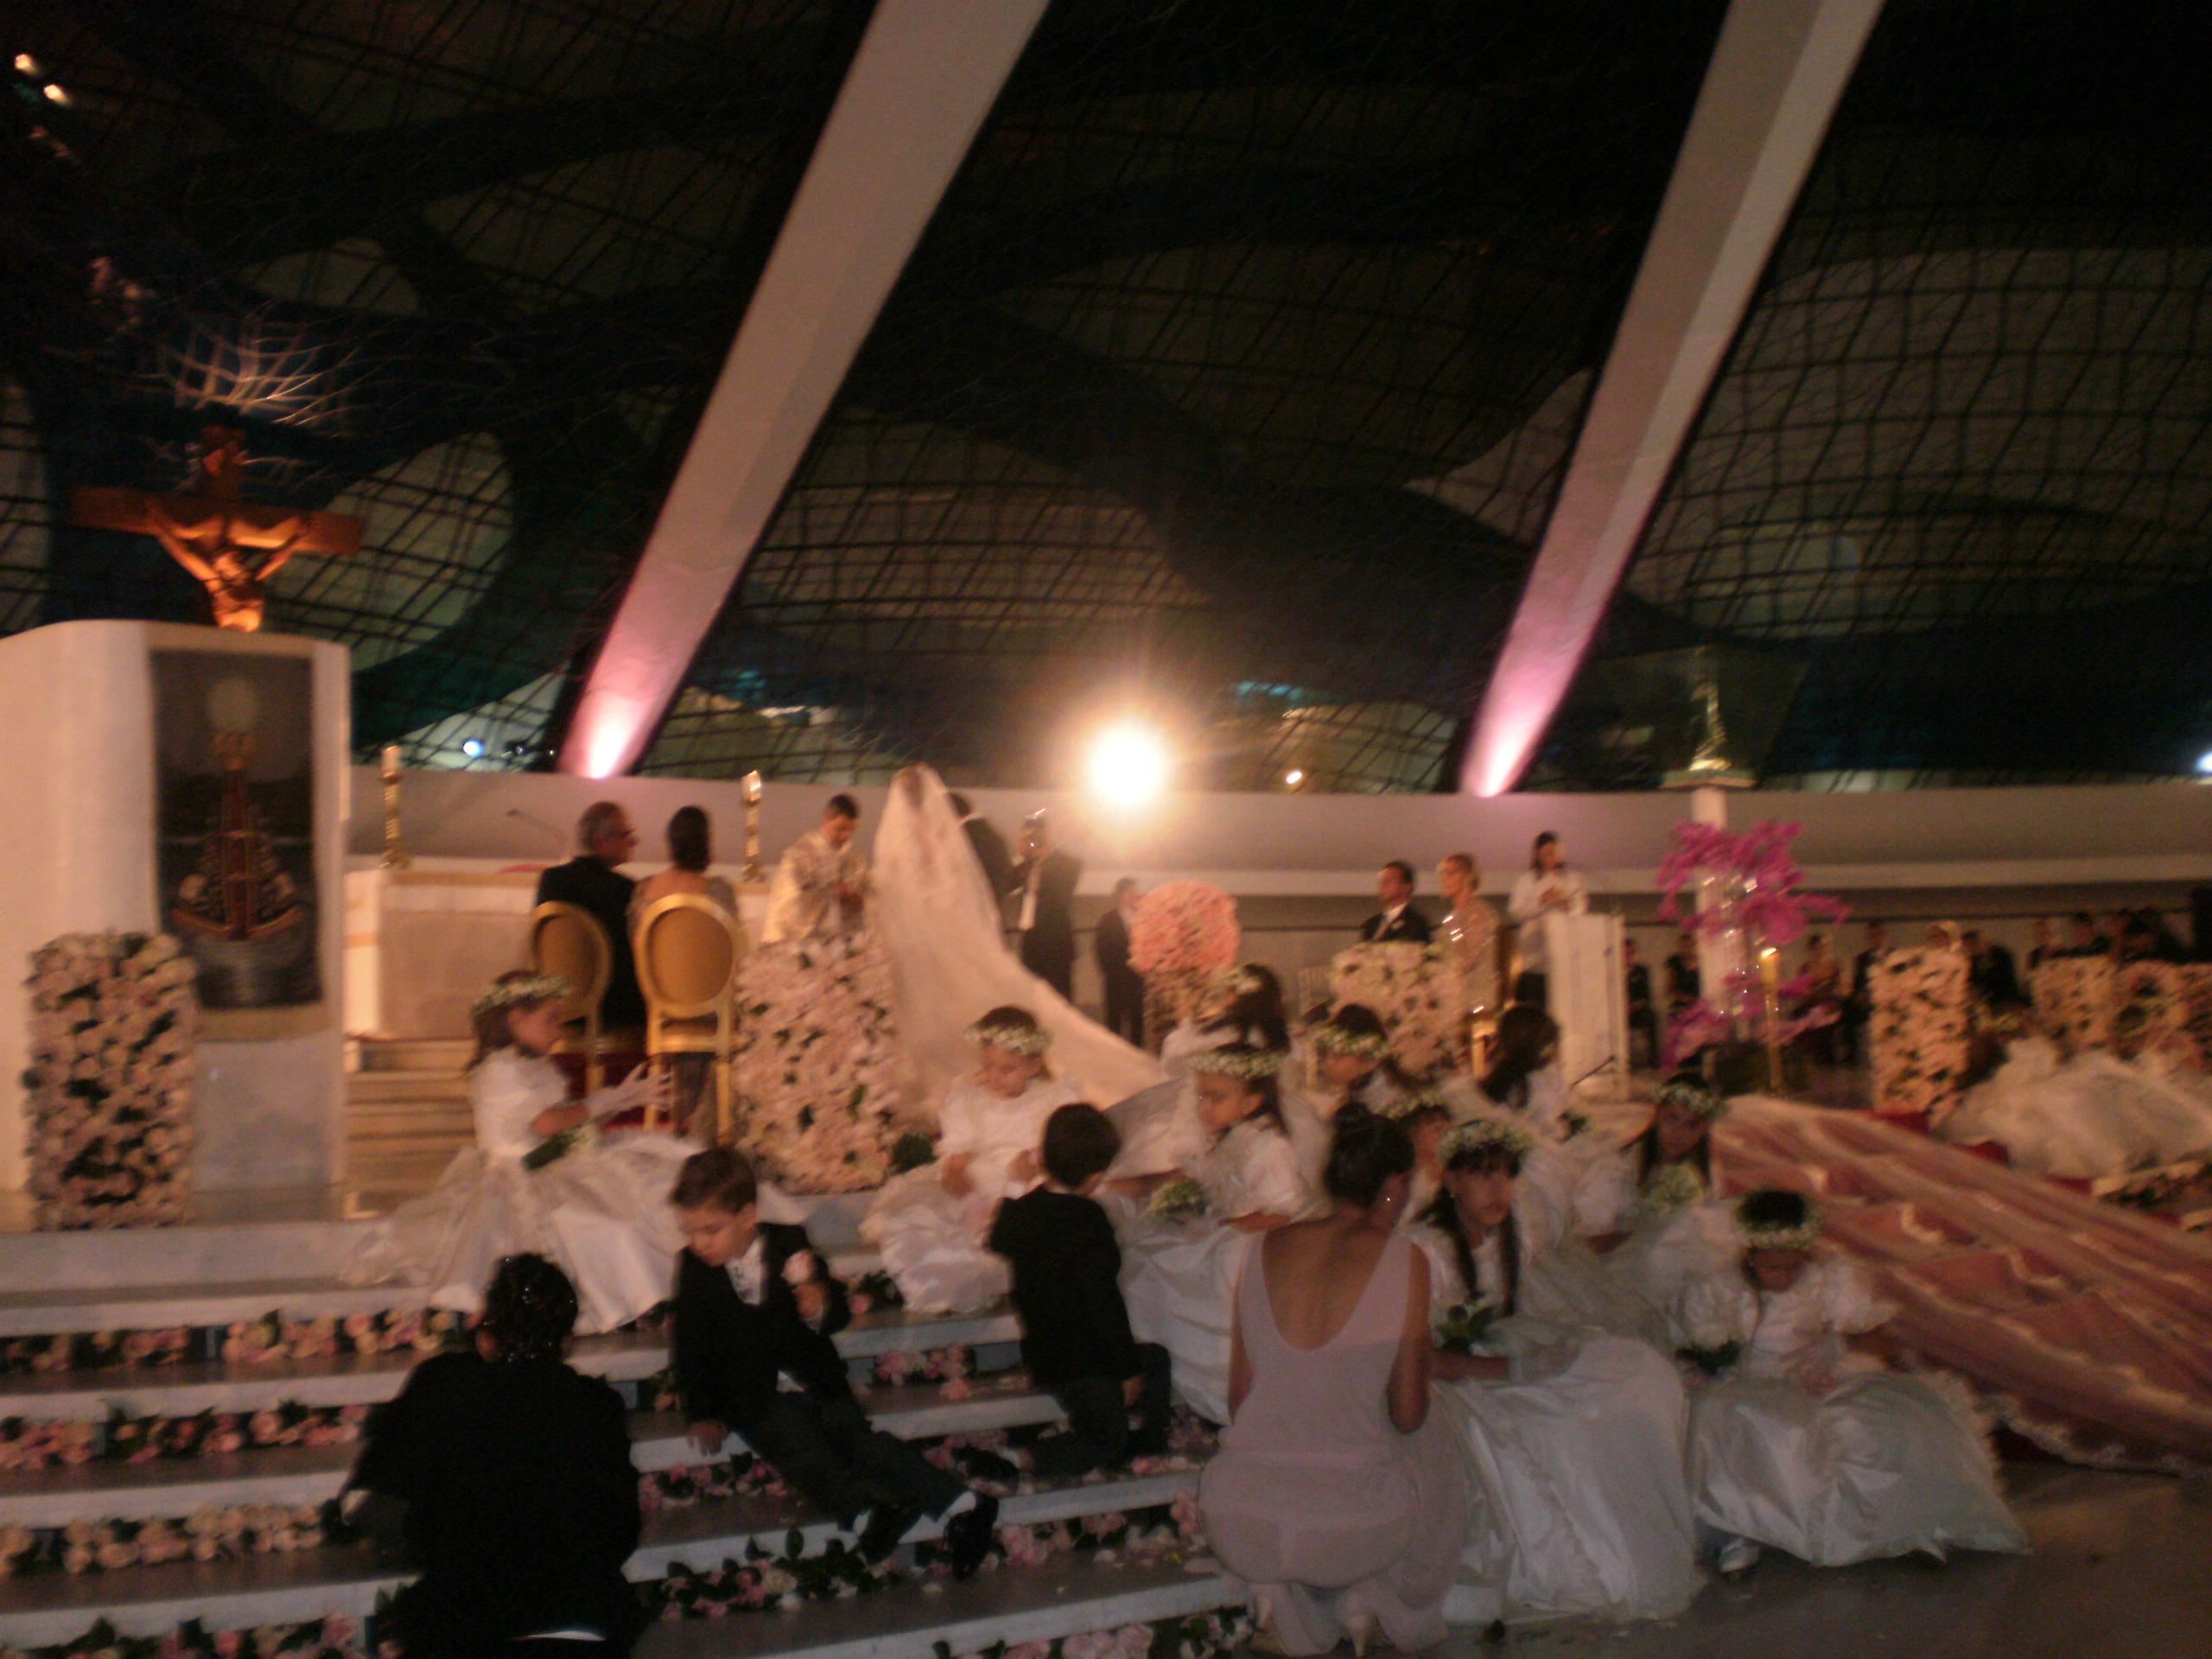 tamara p9150966 Fotos ainda do casamento à la Versailles no DF